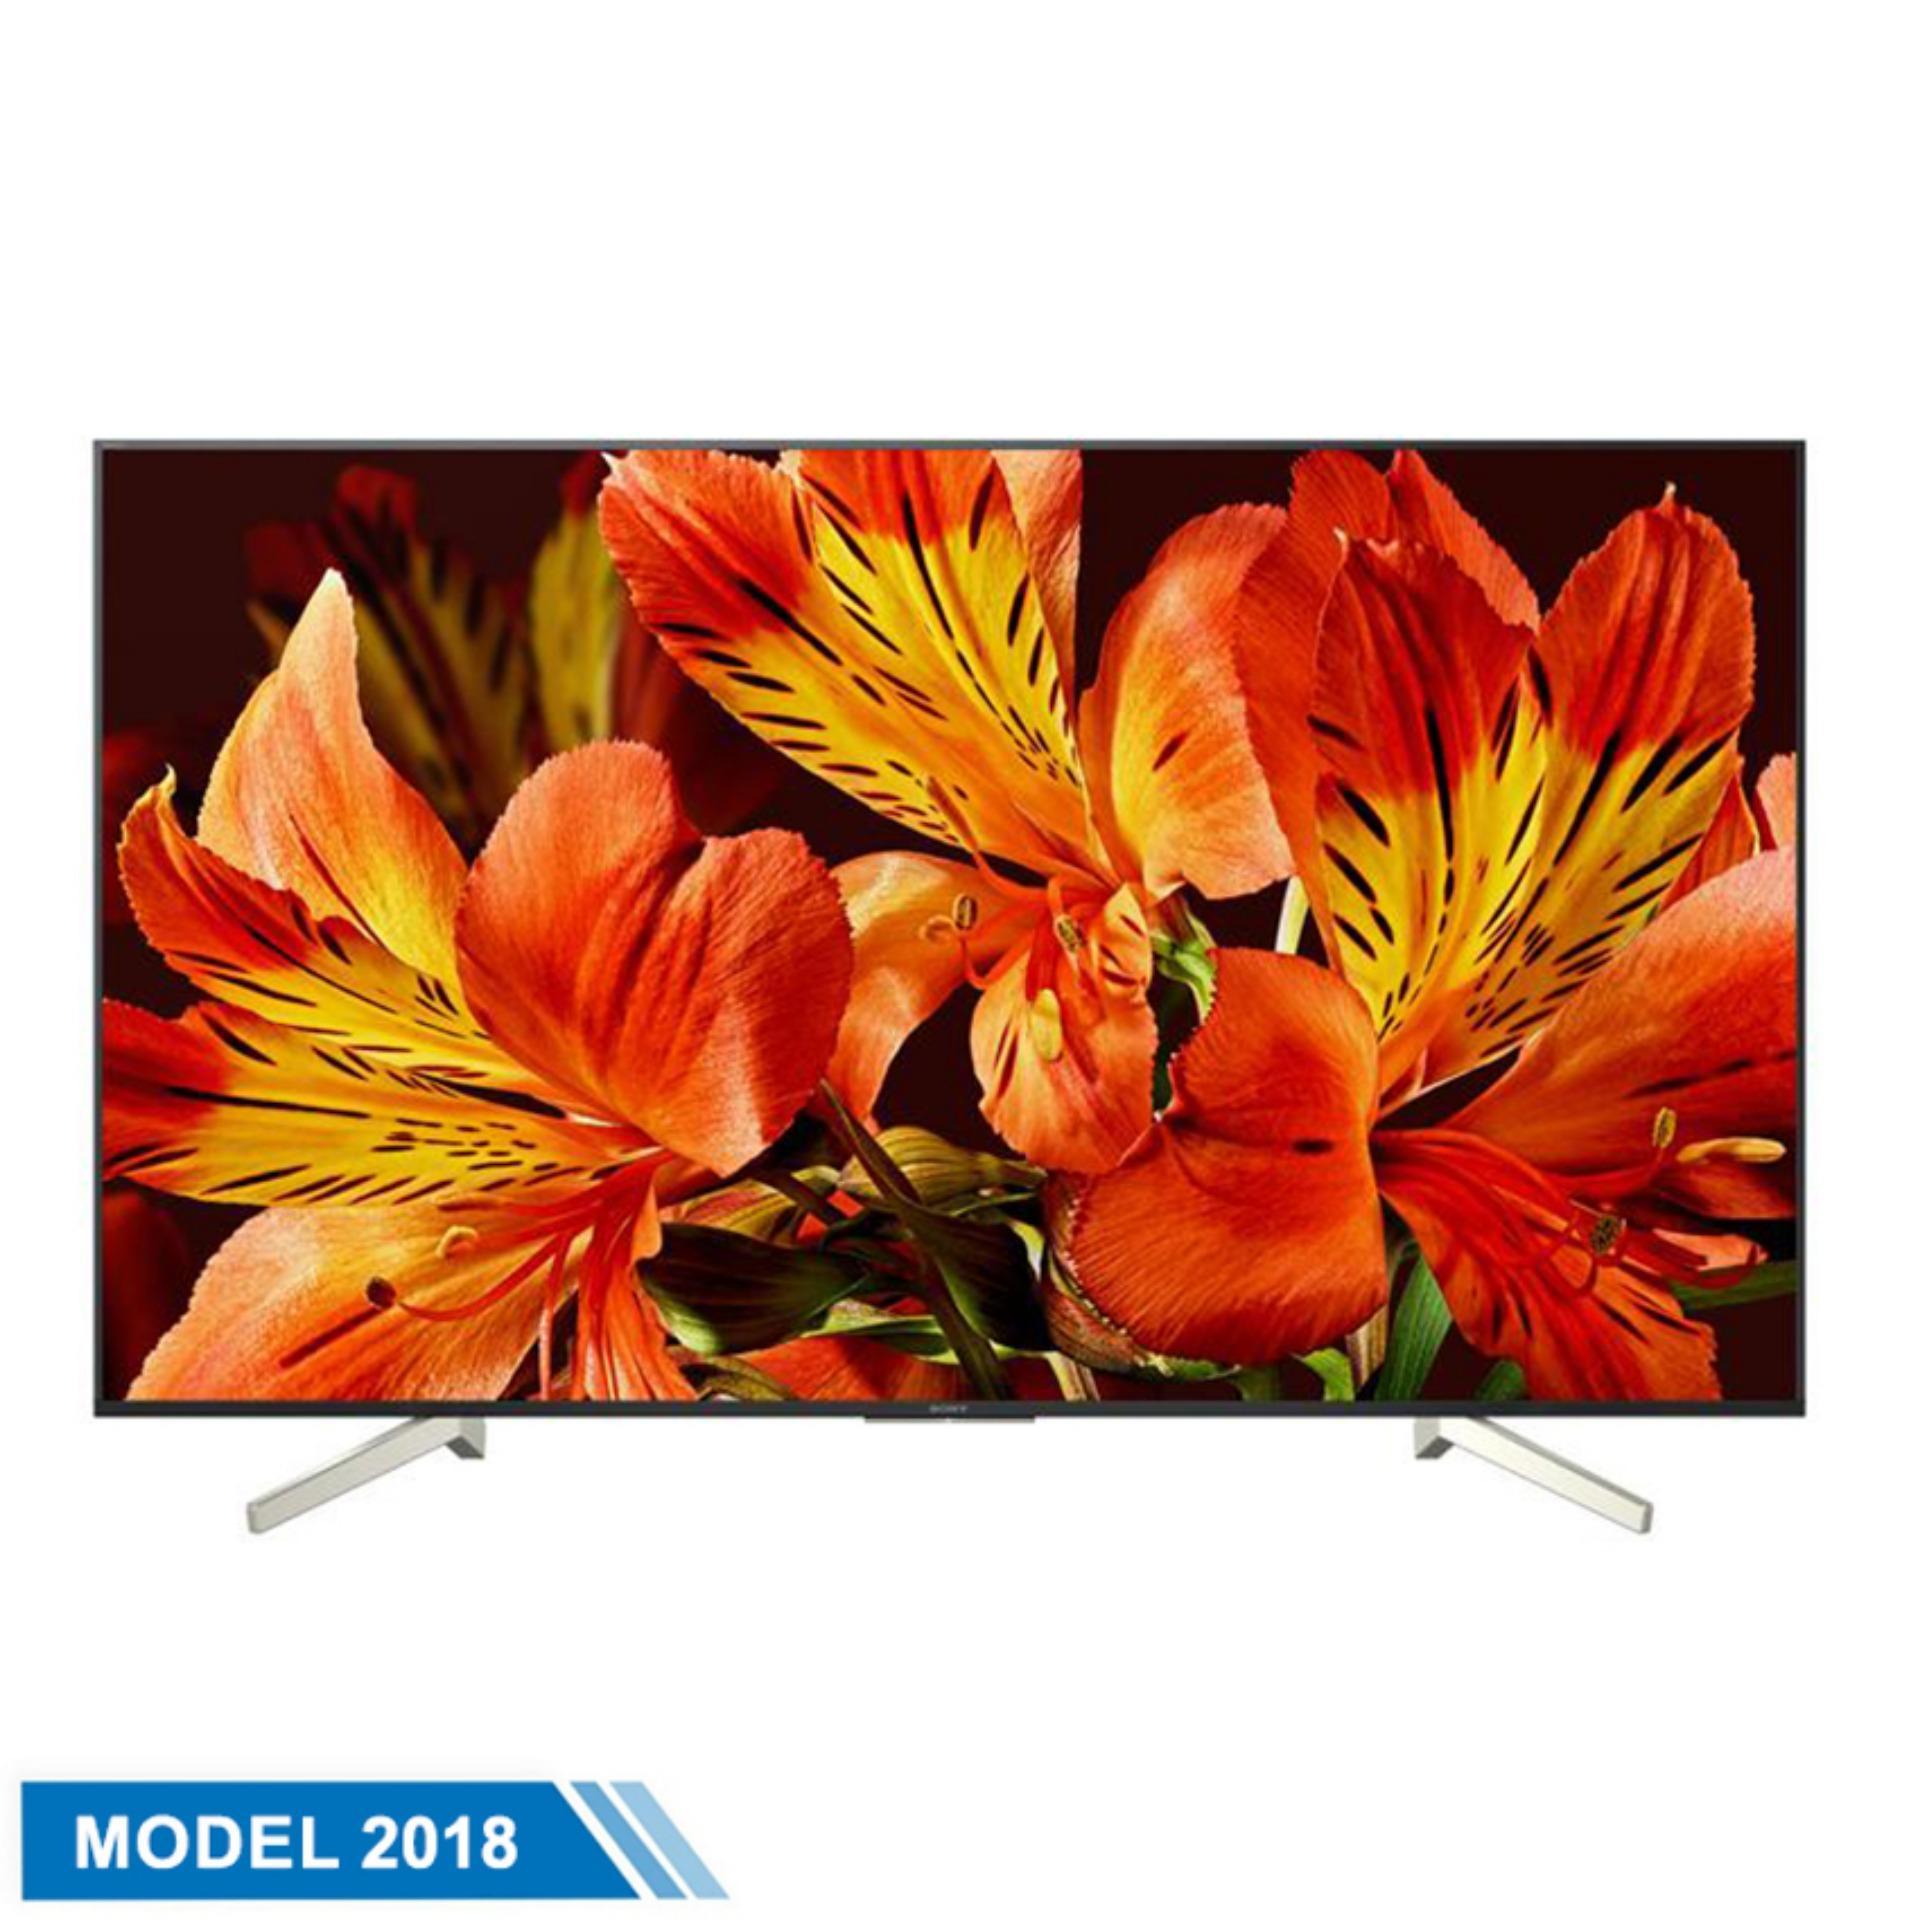 Smart Tivi Sony LED 55inch 4K Ultra HD - Model 55X8500F (Đen) - Hãng phân phối chính thức